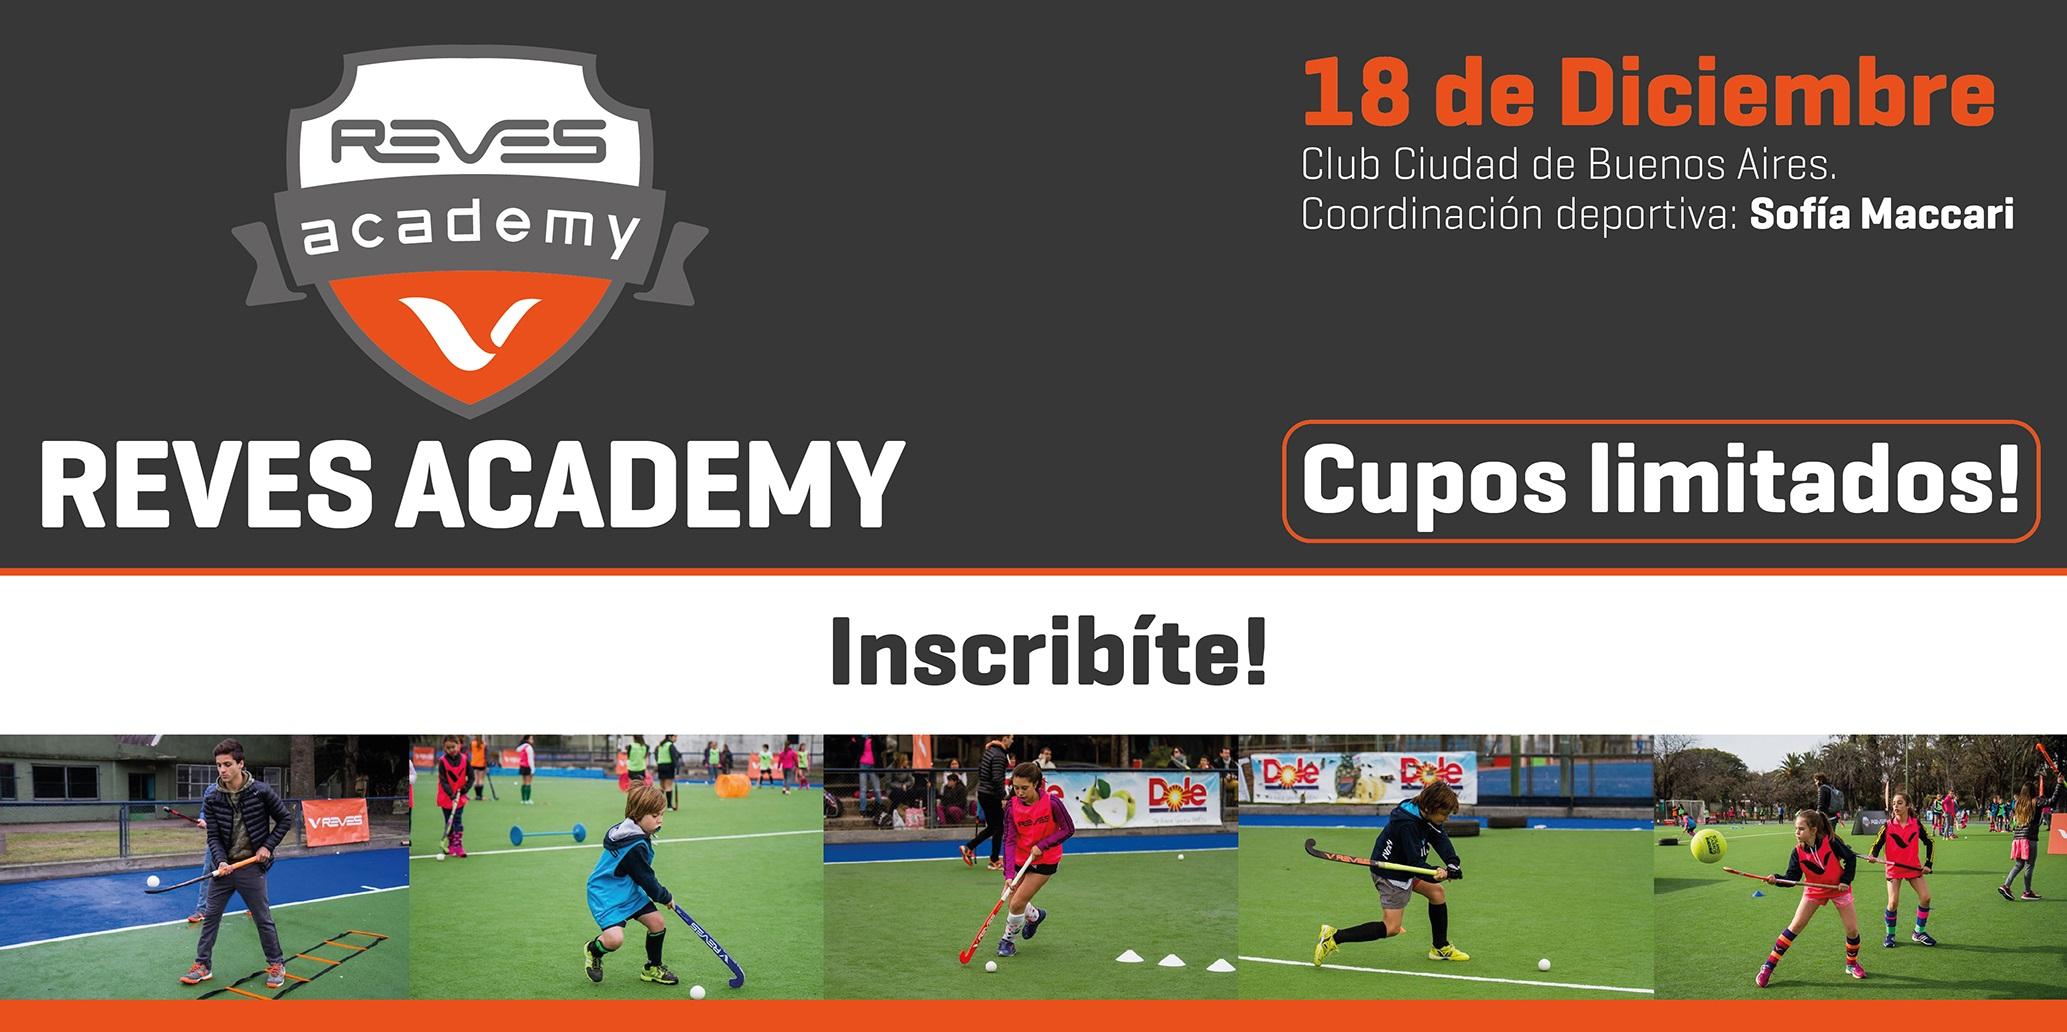 Reves Academy - 18/12